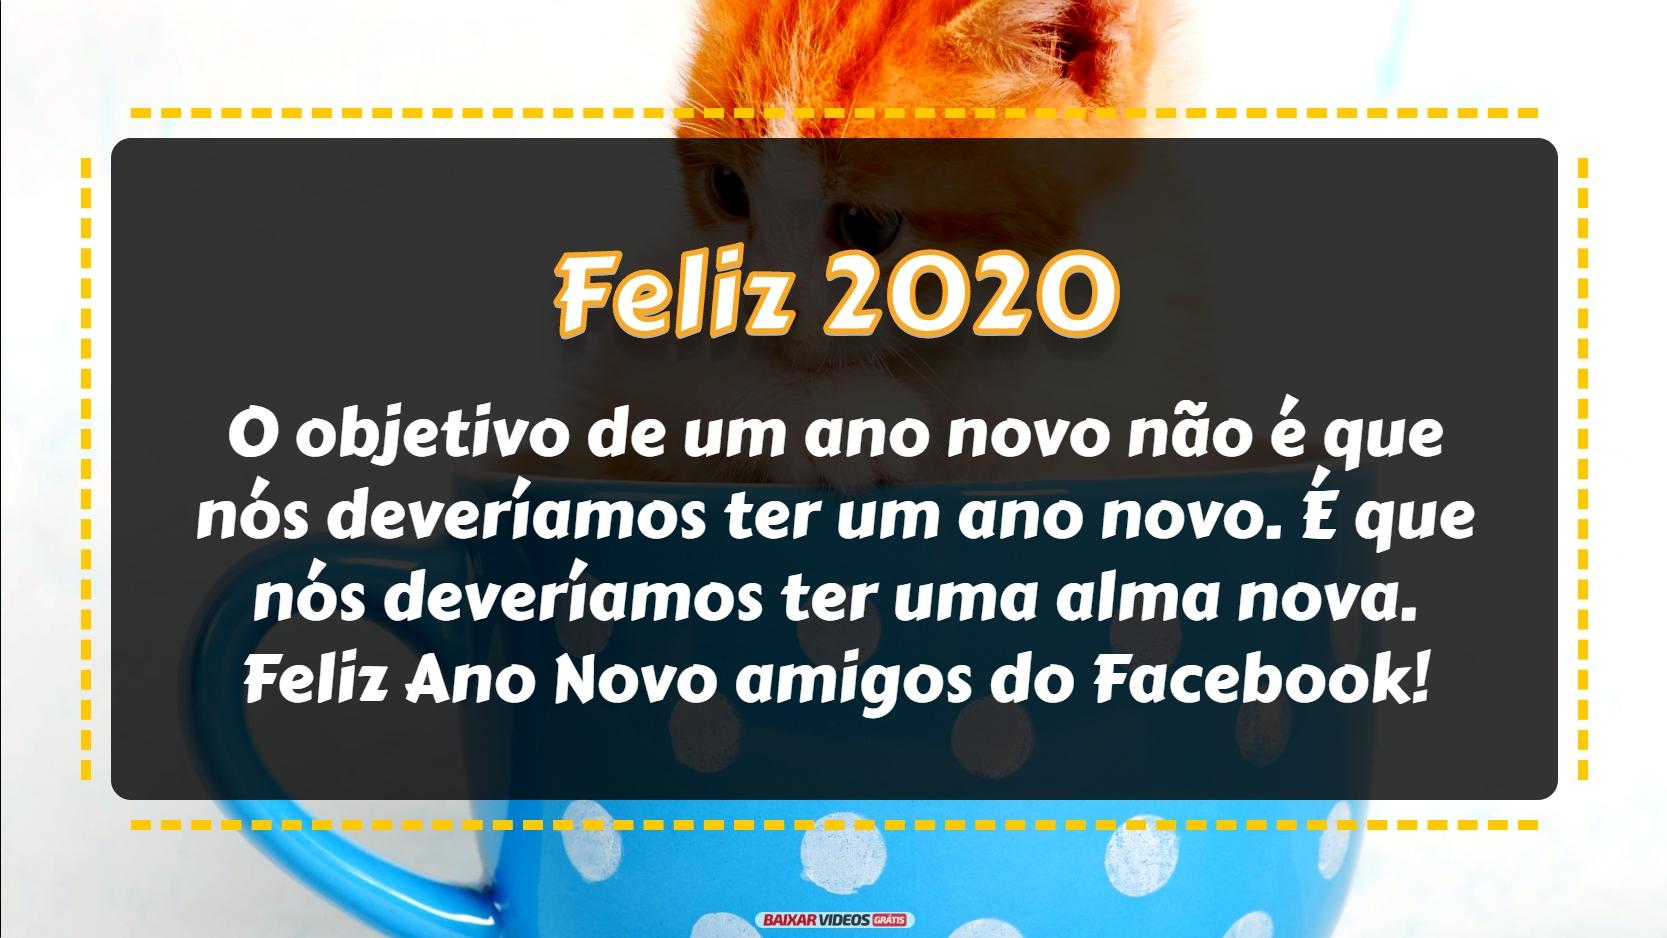 O objetivo de um ano novo não é que nós deveríamos ter um ano novo. É que nós deveríamos ter uma alma nova. Feliz Ano Novo amigos do Facebook!